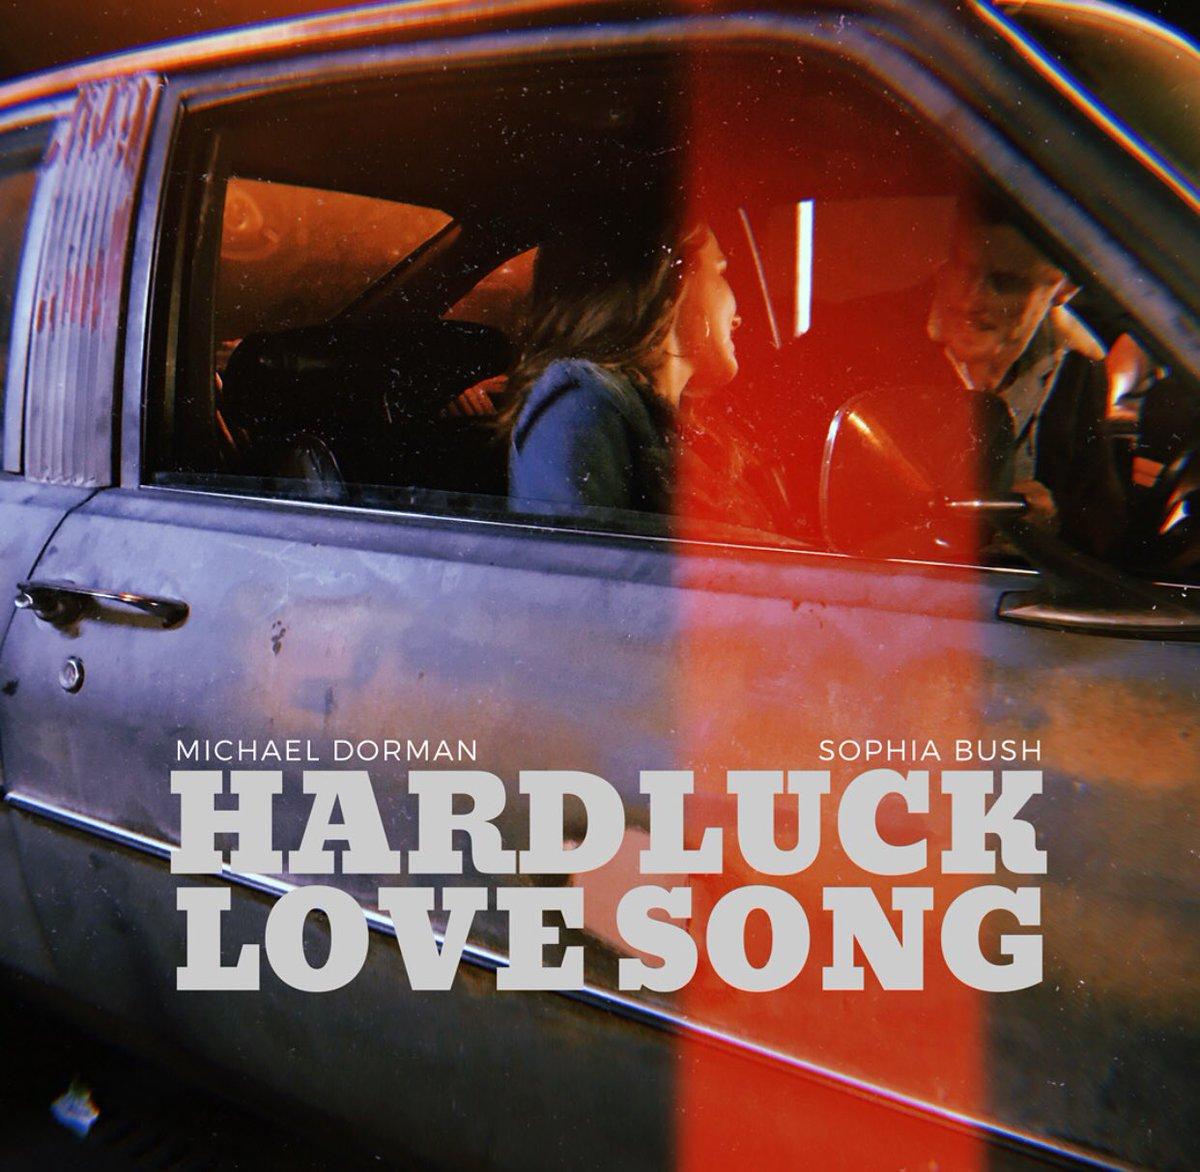 فیلم درام آهنگ عشق خوش شانس ۲۰۲۱